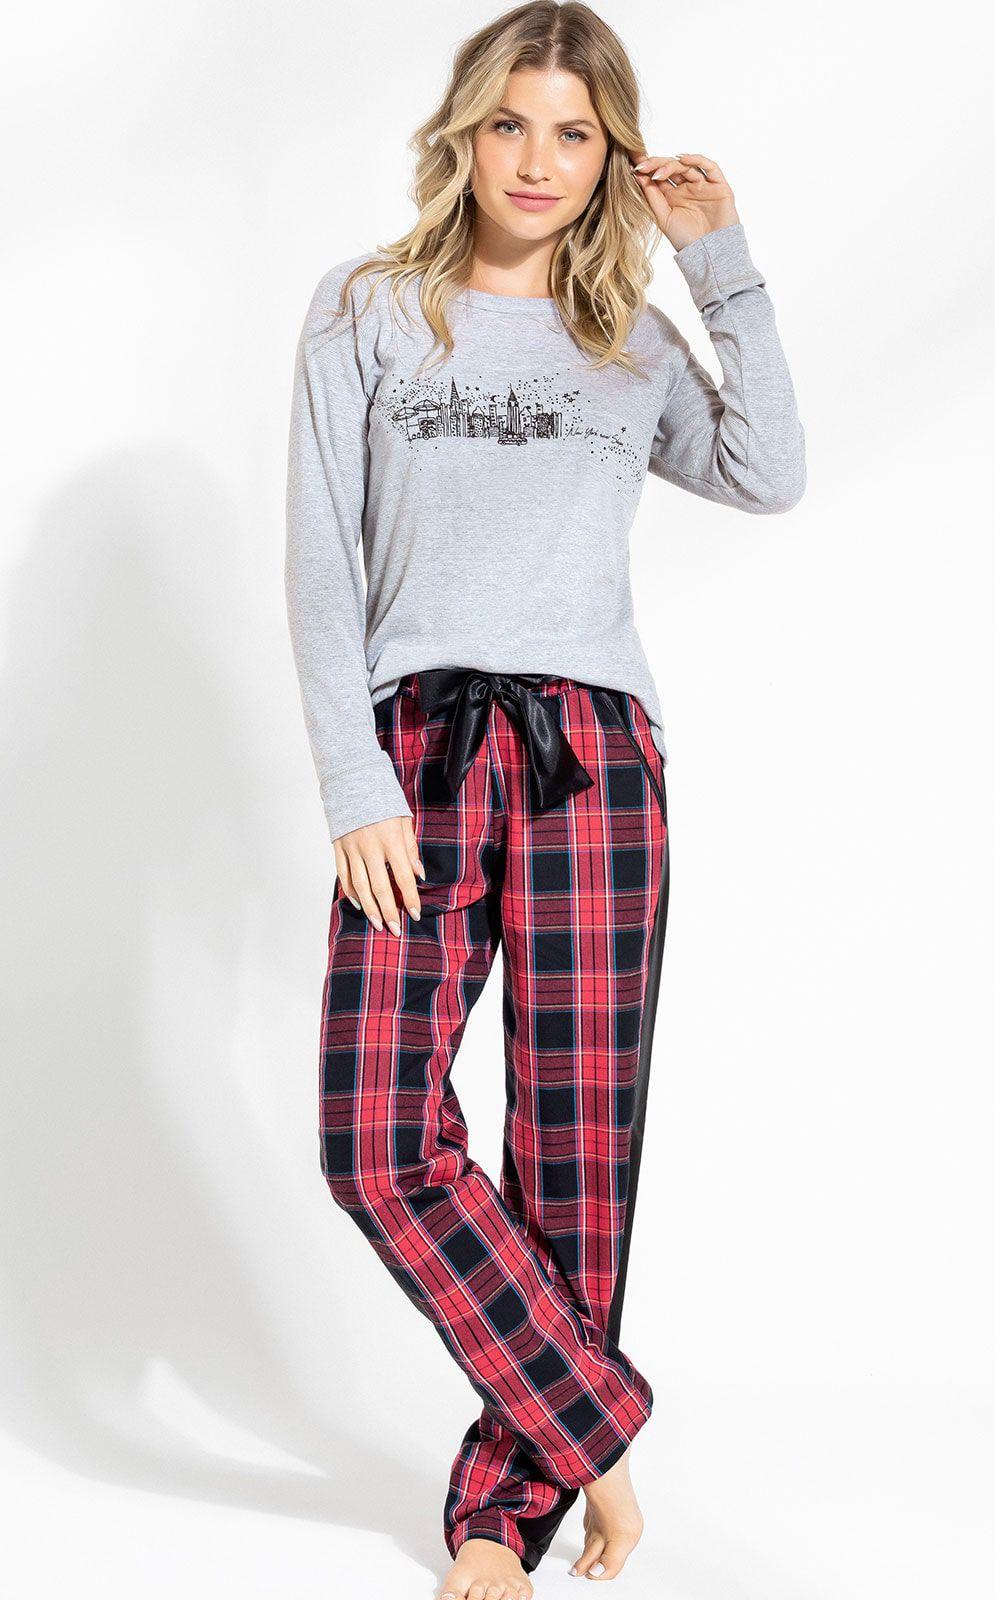 Pijama Feminino Adulto Mixte Blusa Manga Longa com Calça  Xadrez Premium 9687